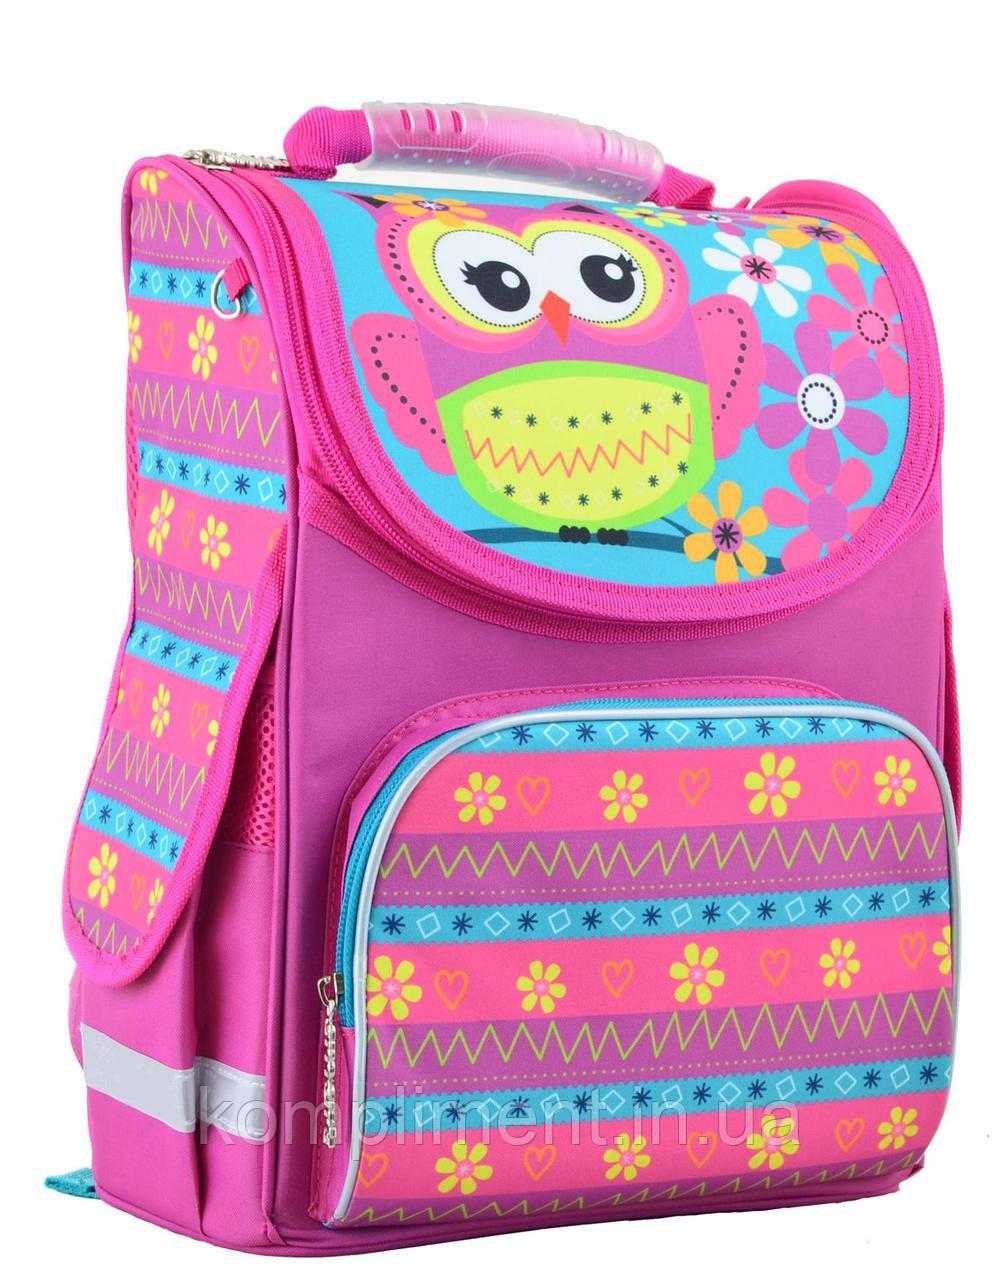 Рюкзак каркасный ортопедический   PG-11 Owl pink , 31*26*14, SMART